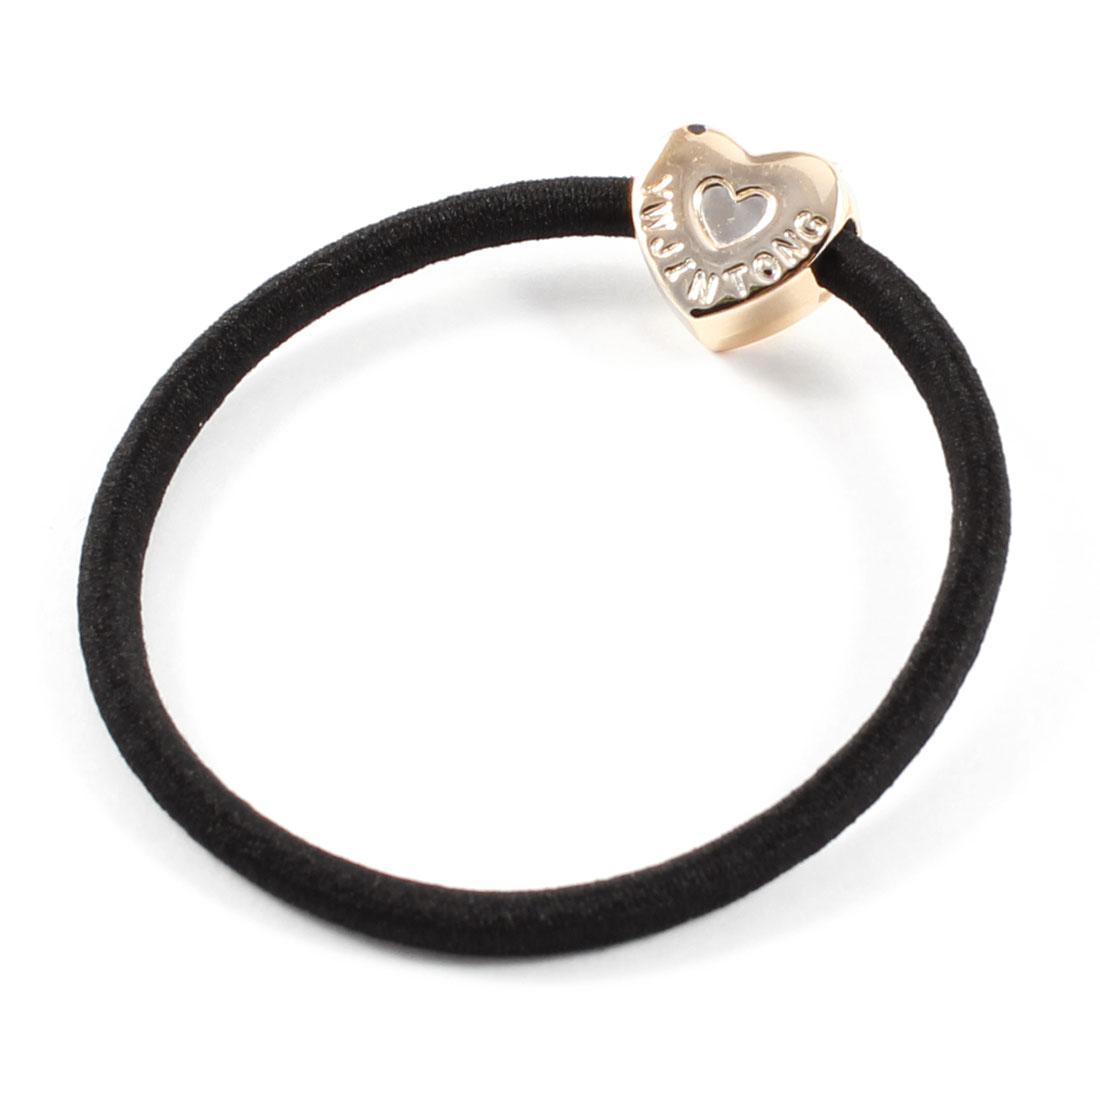 Lady Heart Decor Nylon Coated Elastic Ponytail Holder Hair Band Black